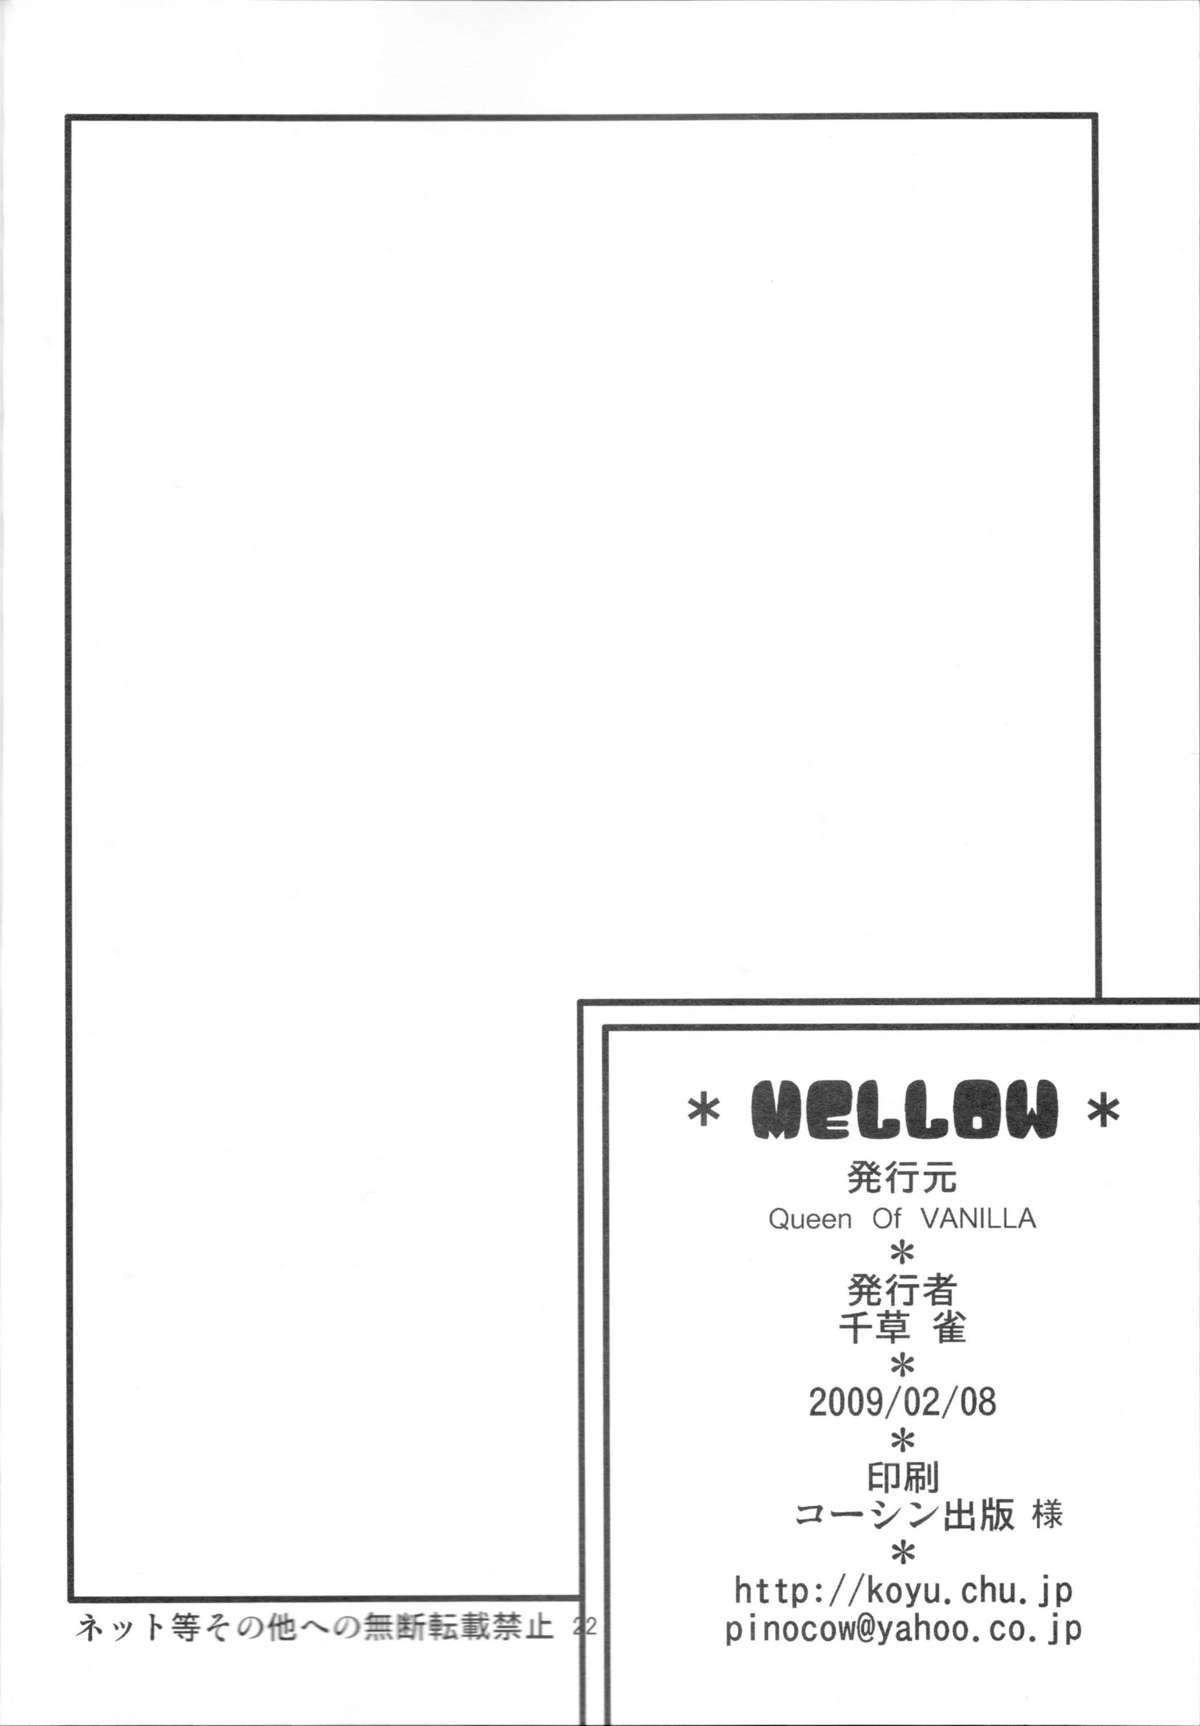 MELLOW 20